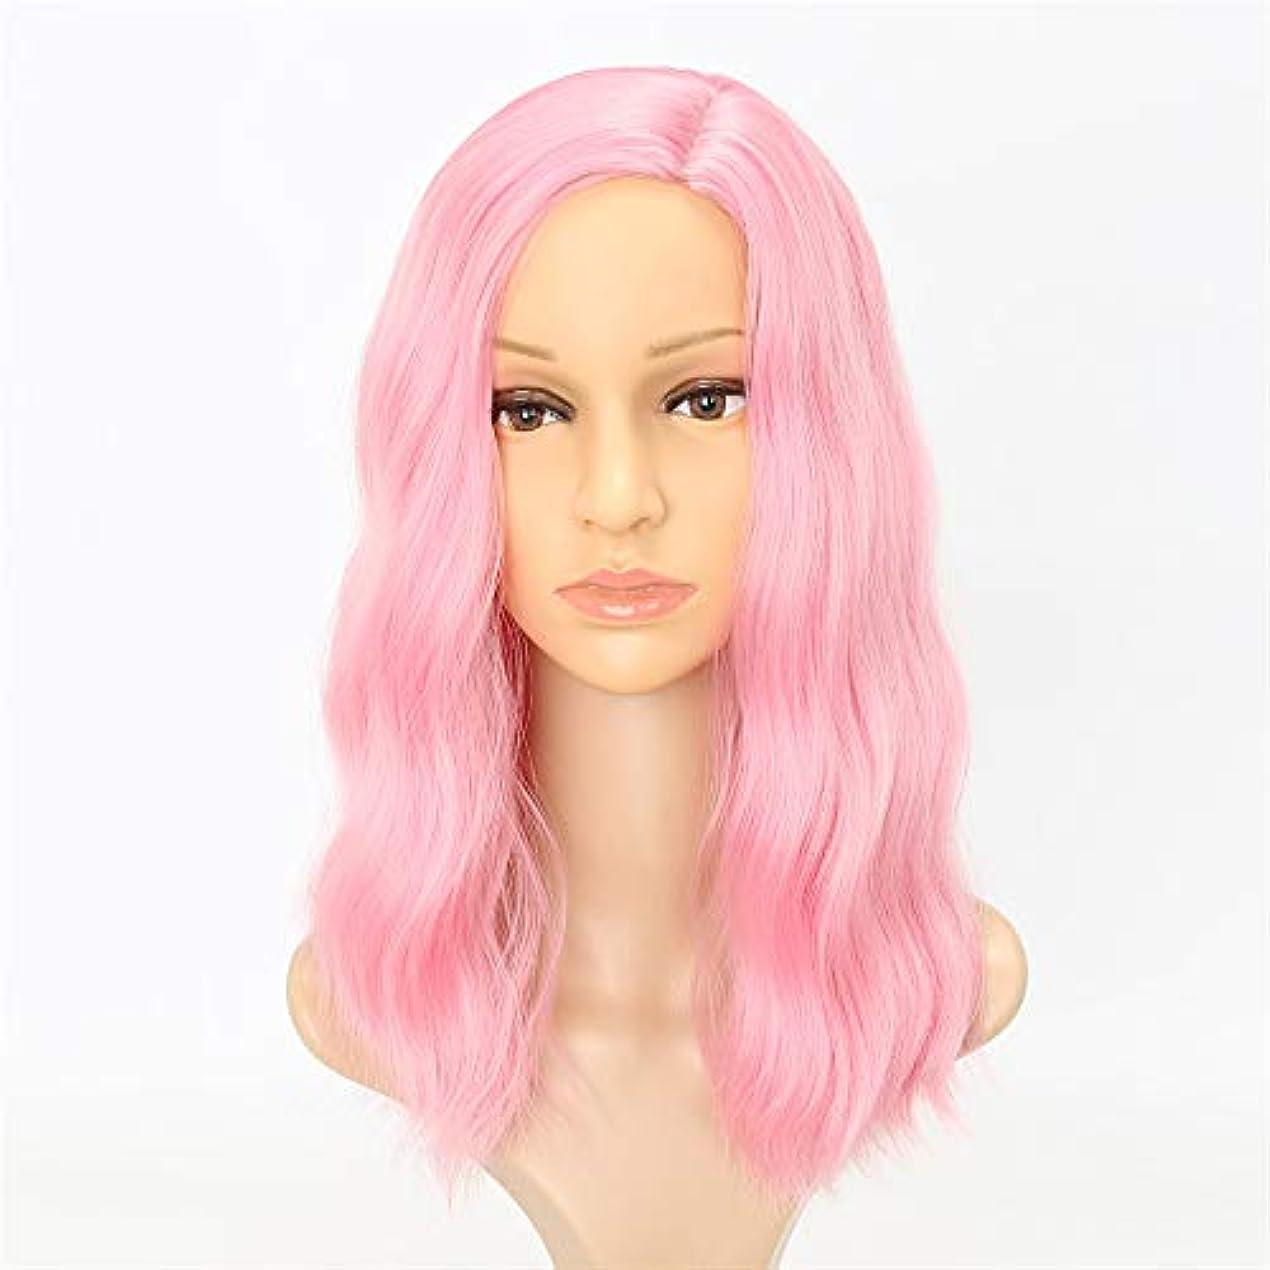 セールスマン真向こうハンディキャップヘアピースピンクウィッグ波状女性かつら高温繊維人工毛ウィッグロングコスプレウィッグ用女性パーティー、ハロウィン18インチ